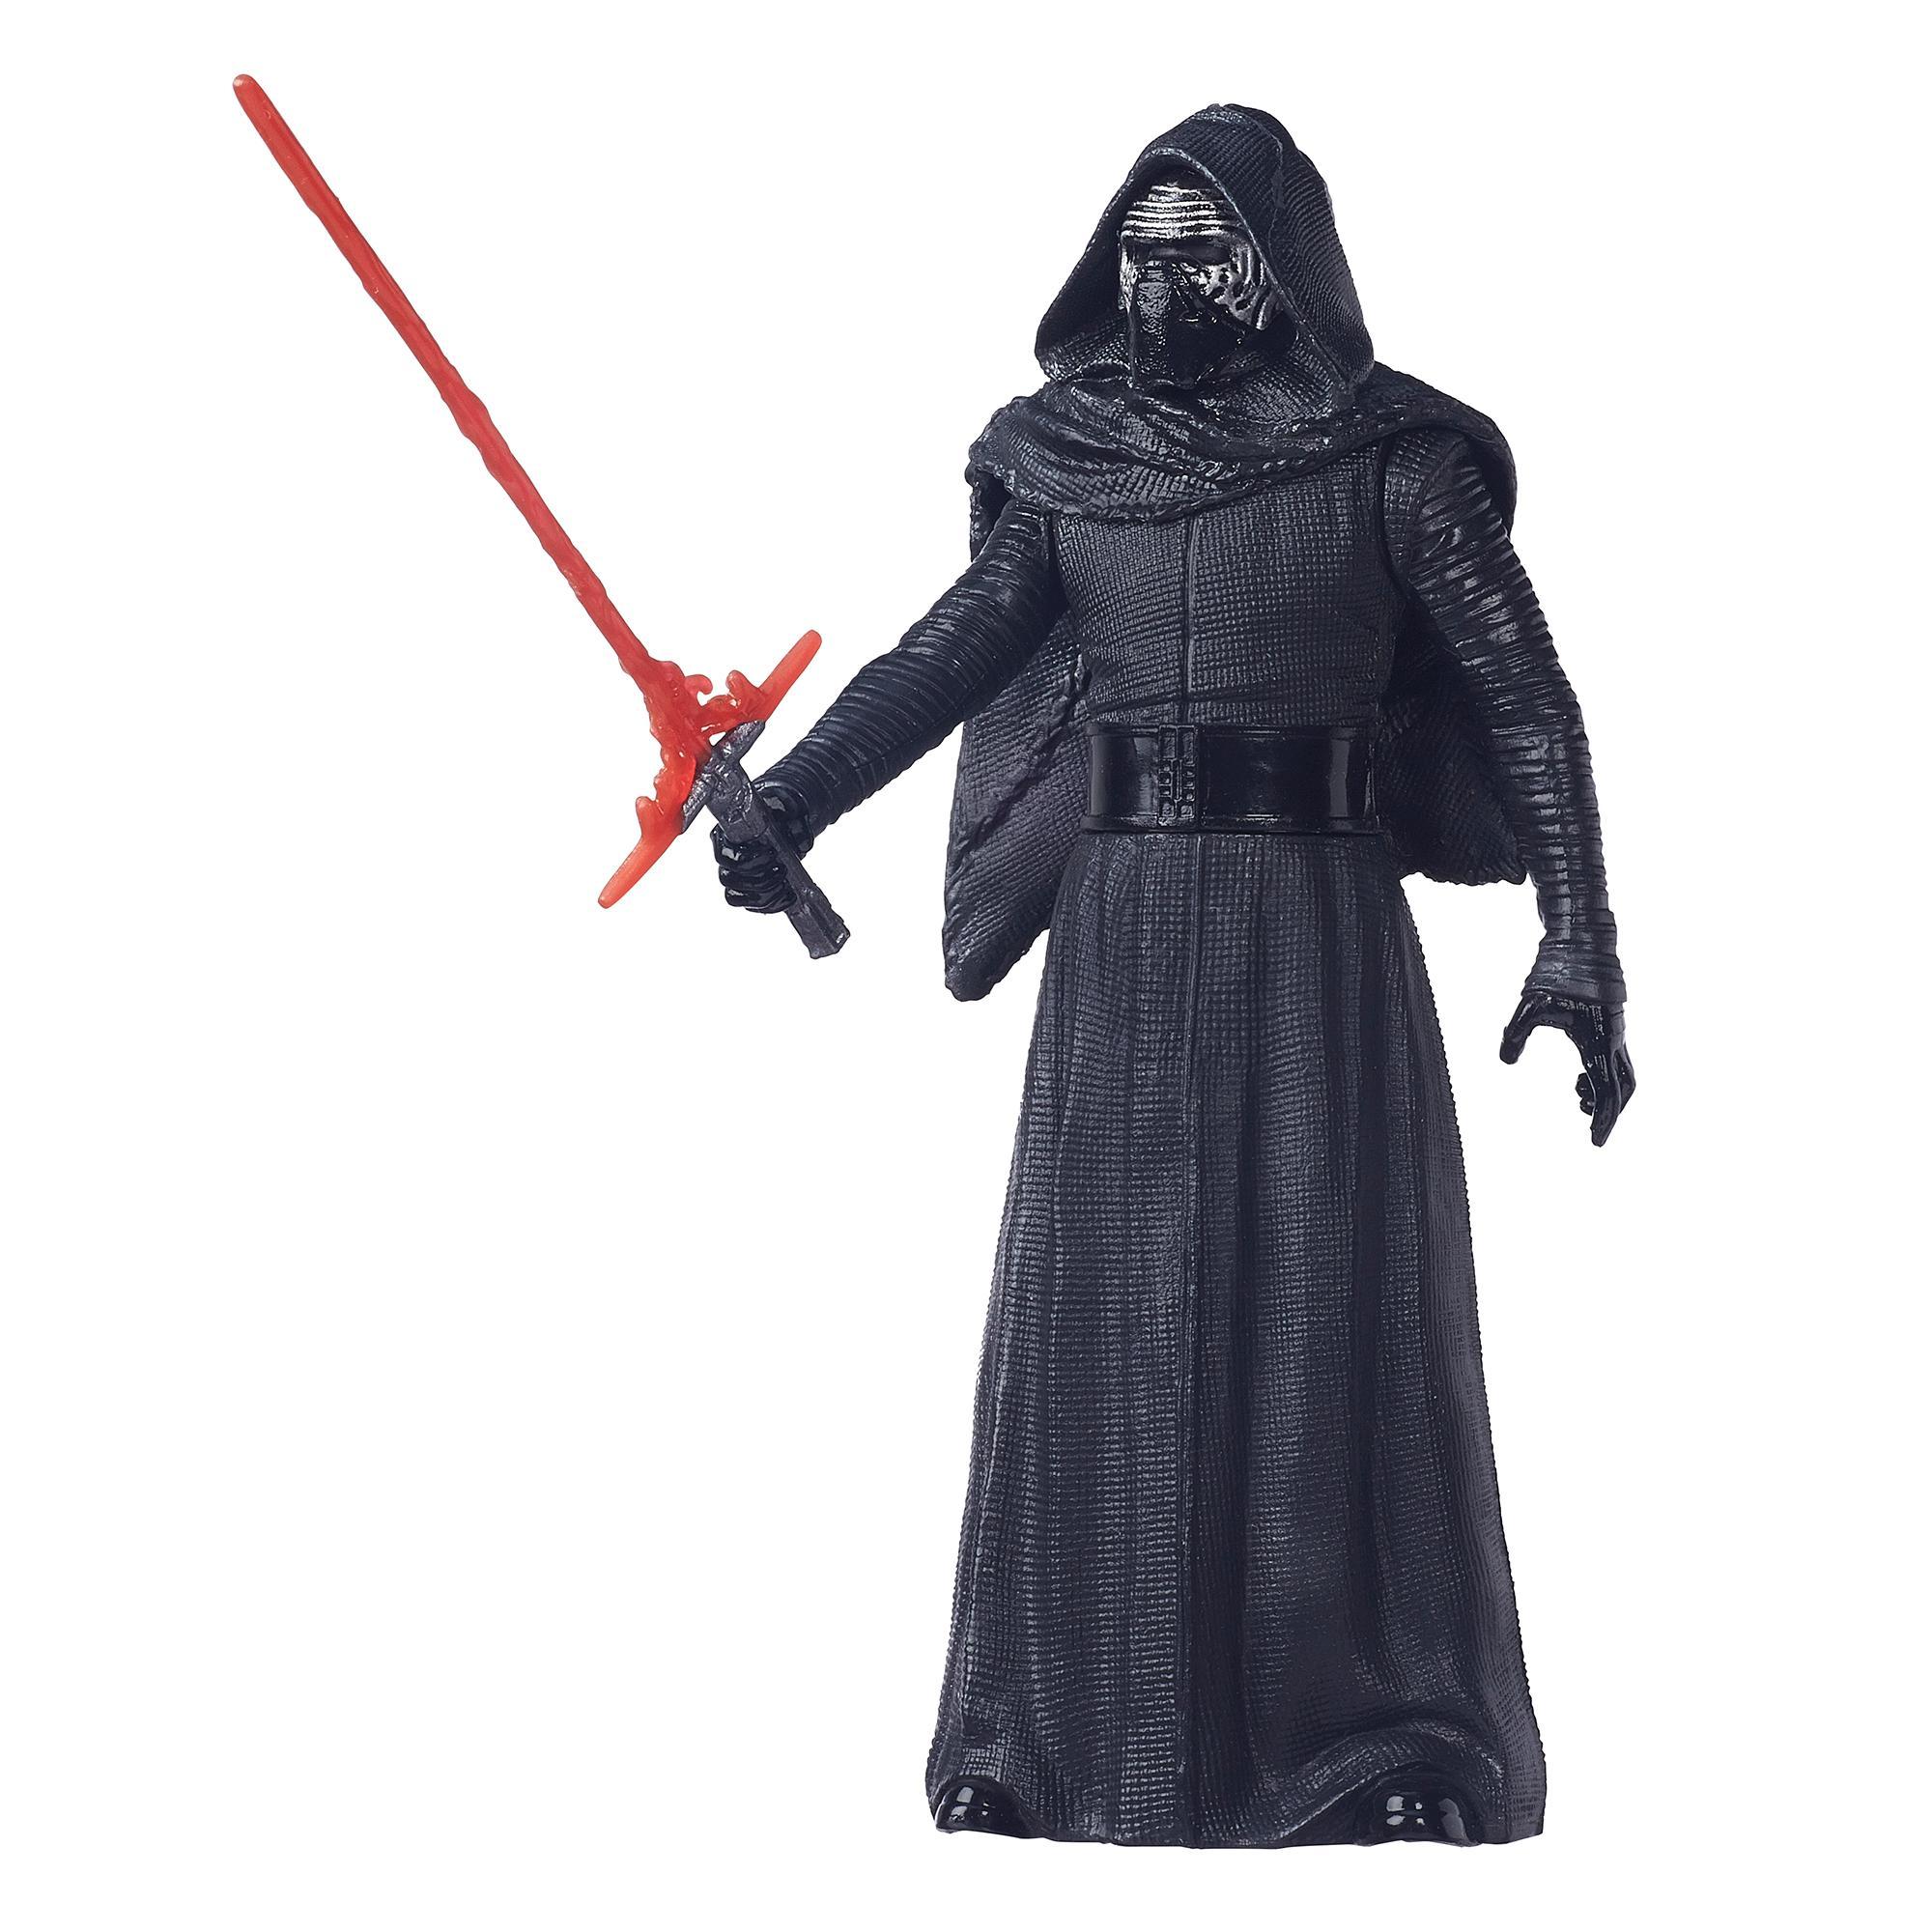 Star Wars The Force Awakens Kylo Ren de 15 cm (6 in)